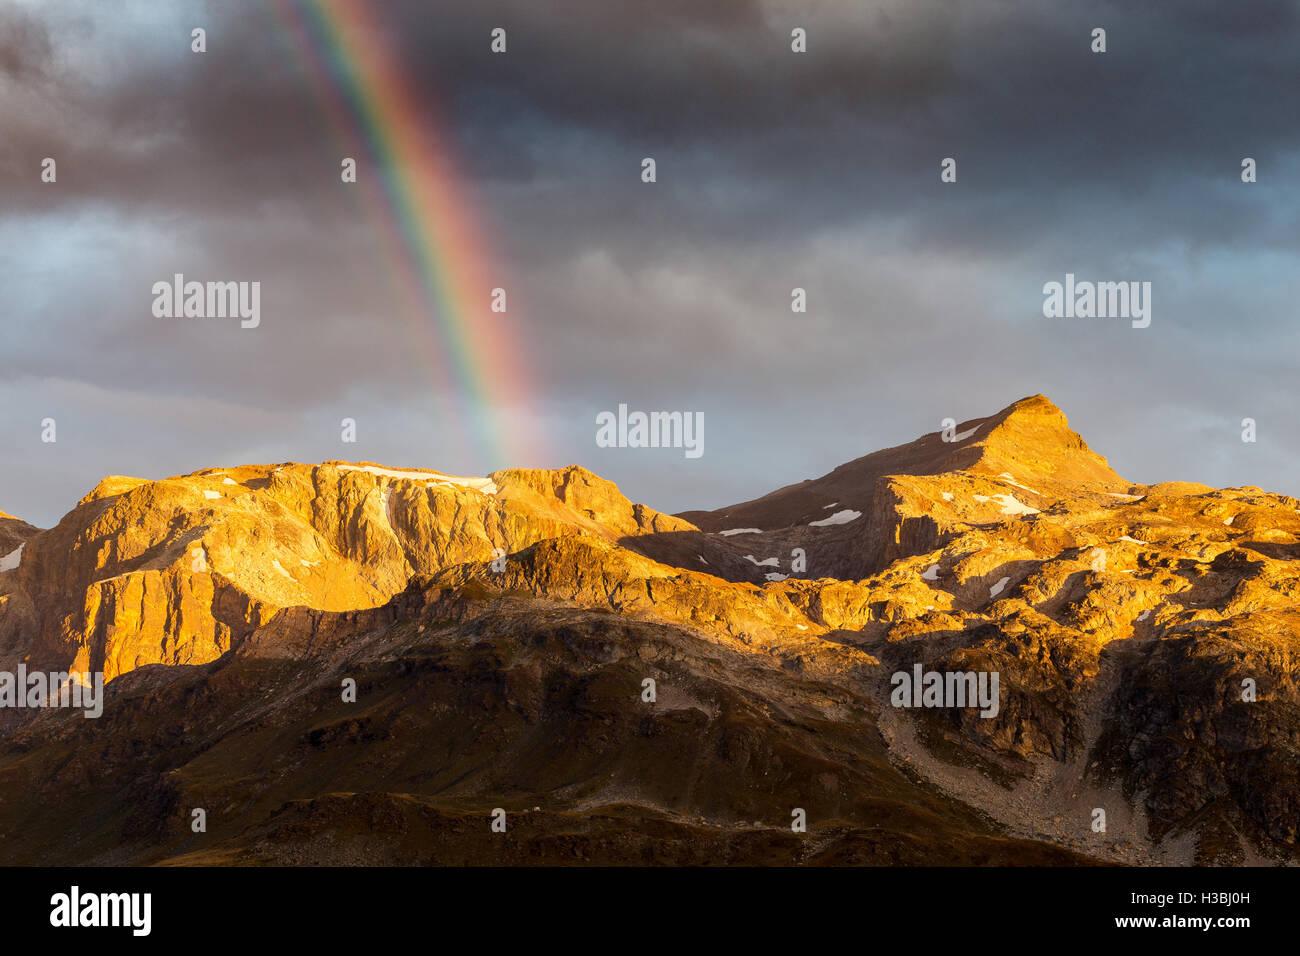 Parc National de la Vanoise. - Stock Image